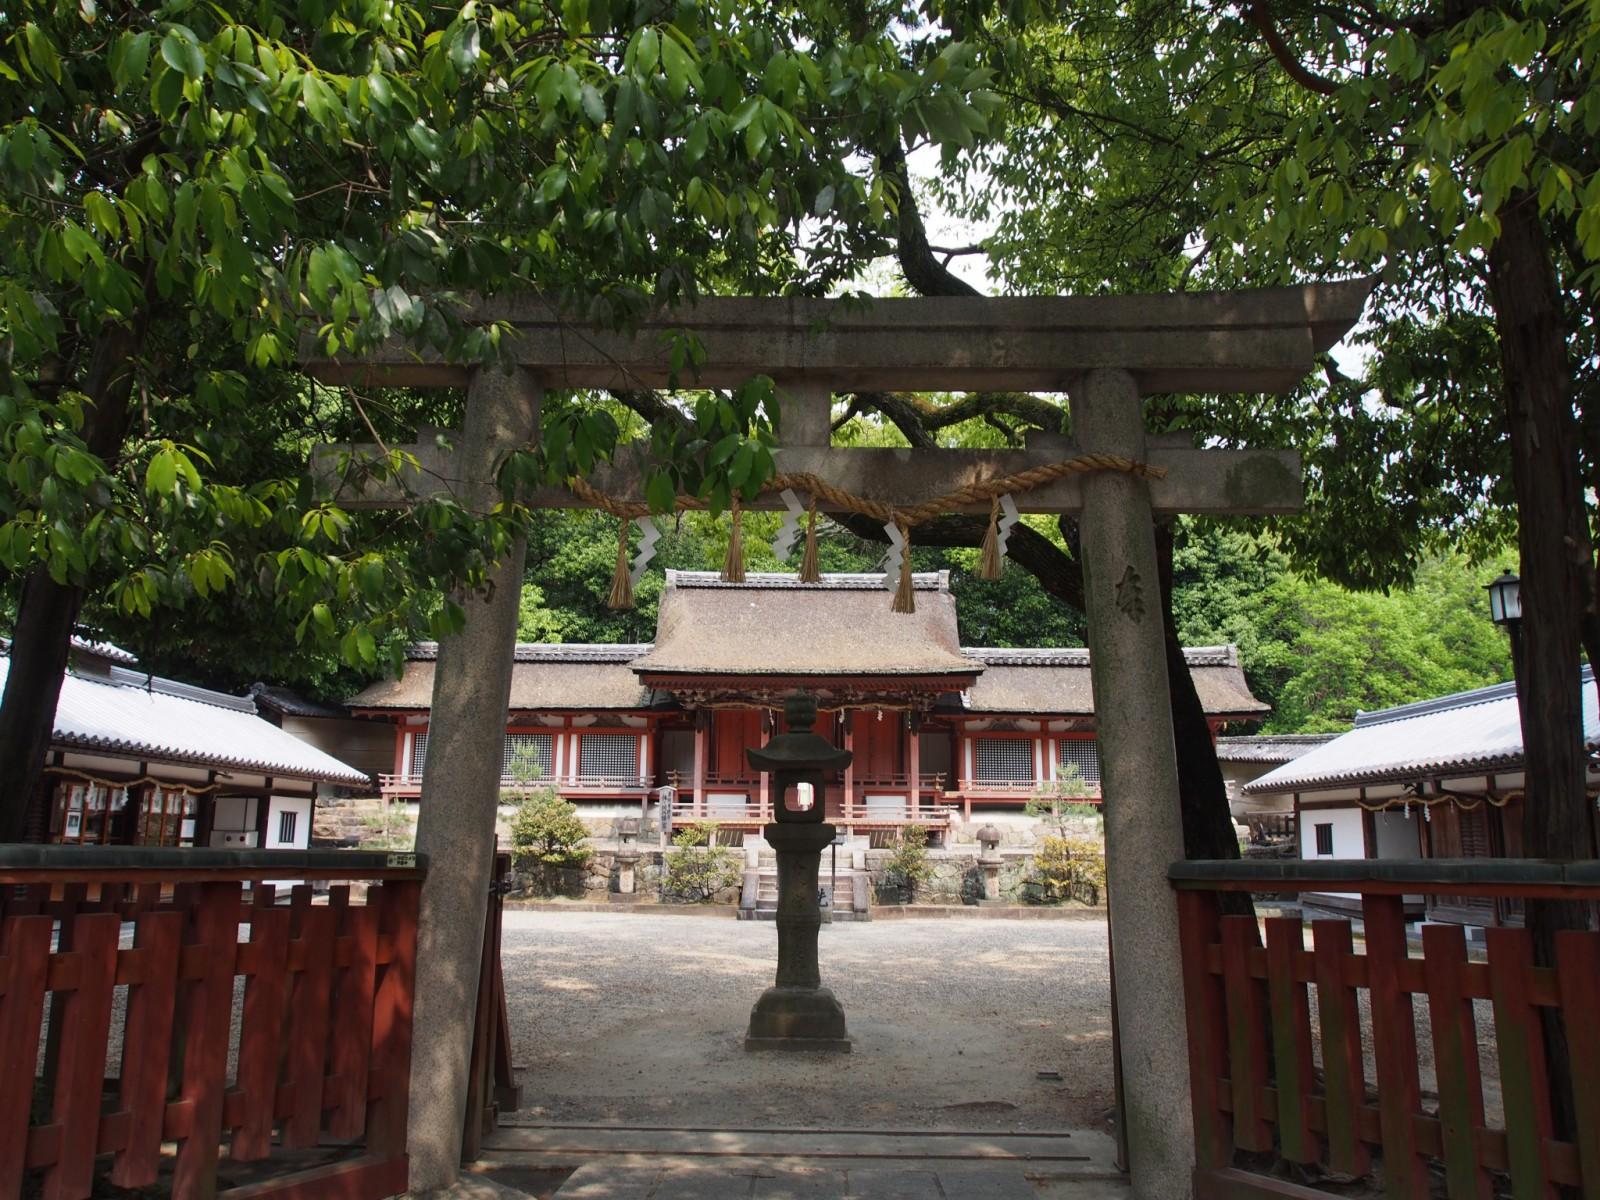 休ヶ岡八幡宮の鳥居